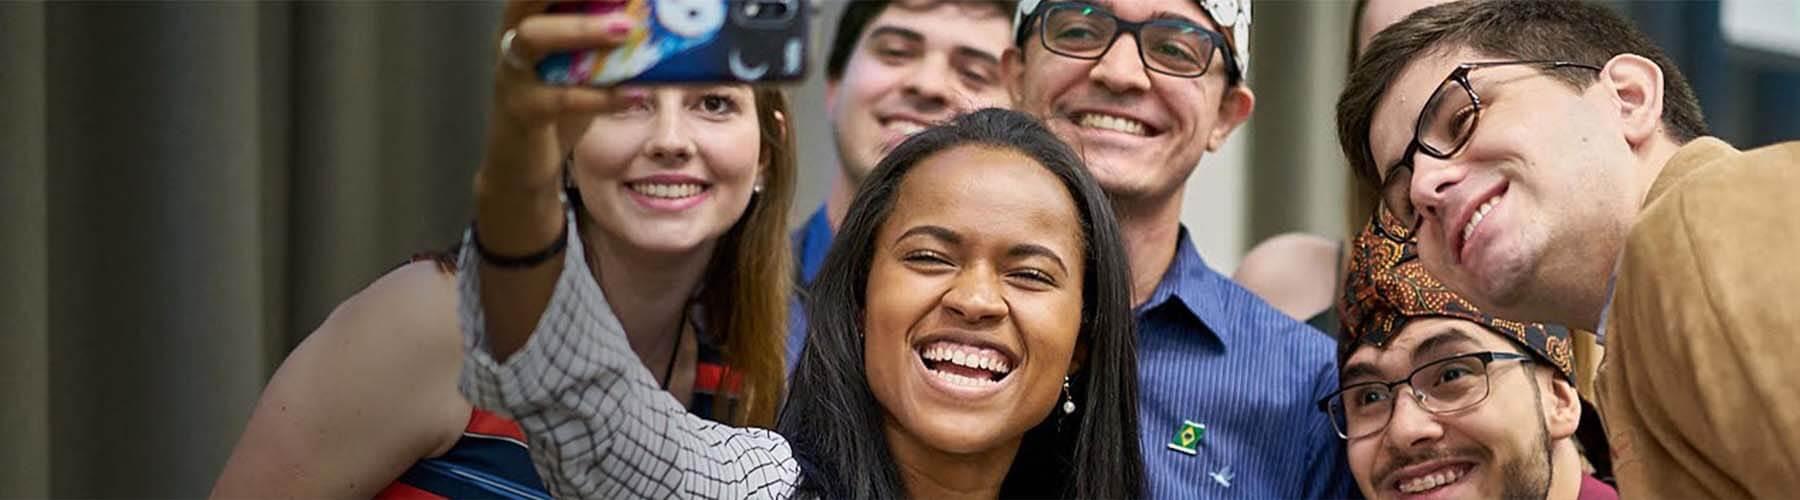 Um grupo de amigos , sorrindo e posando para uma selfie tirada por  mulher negra que está no centro do grupo